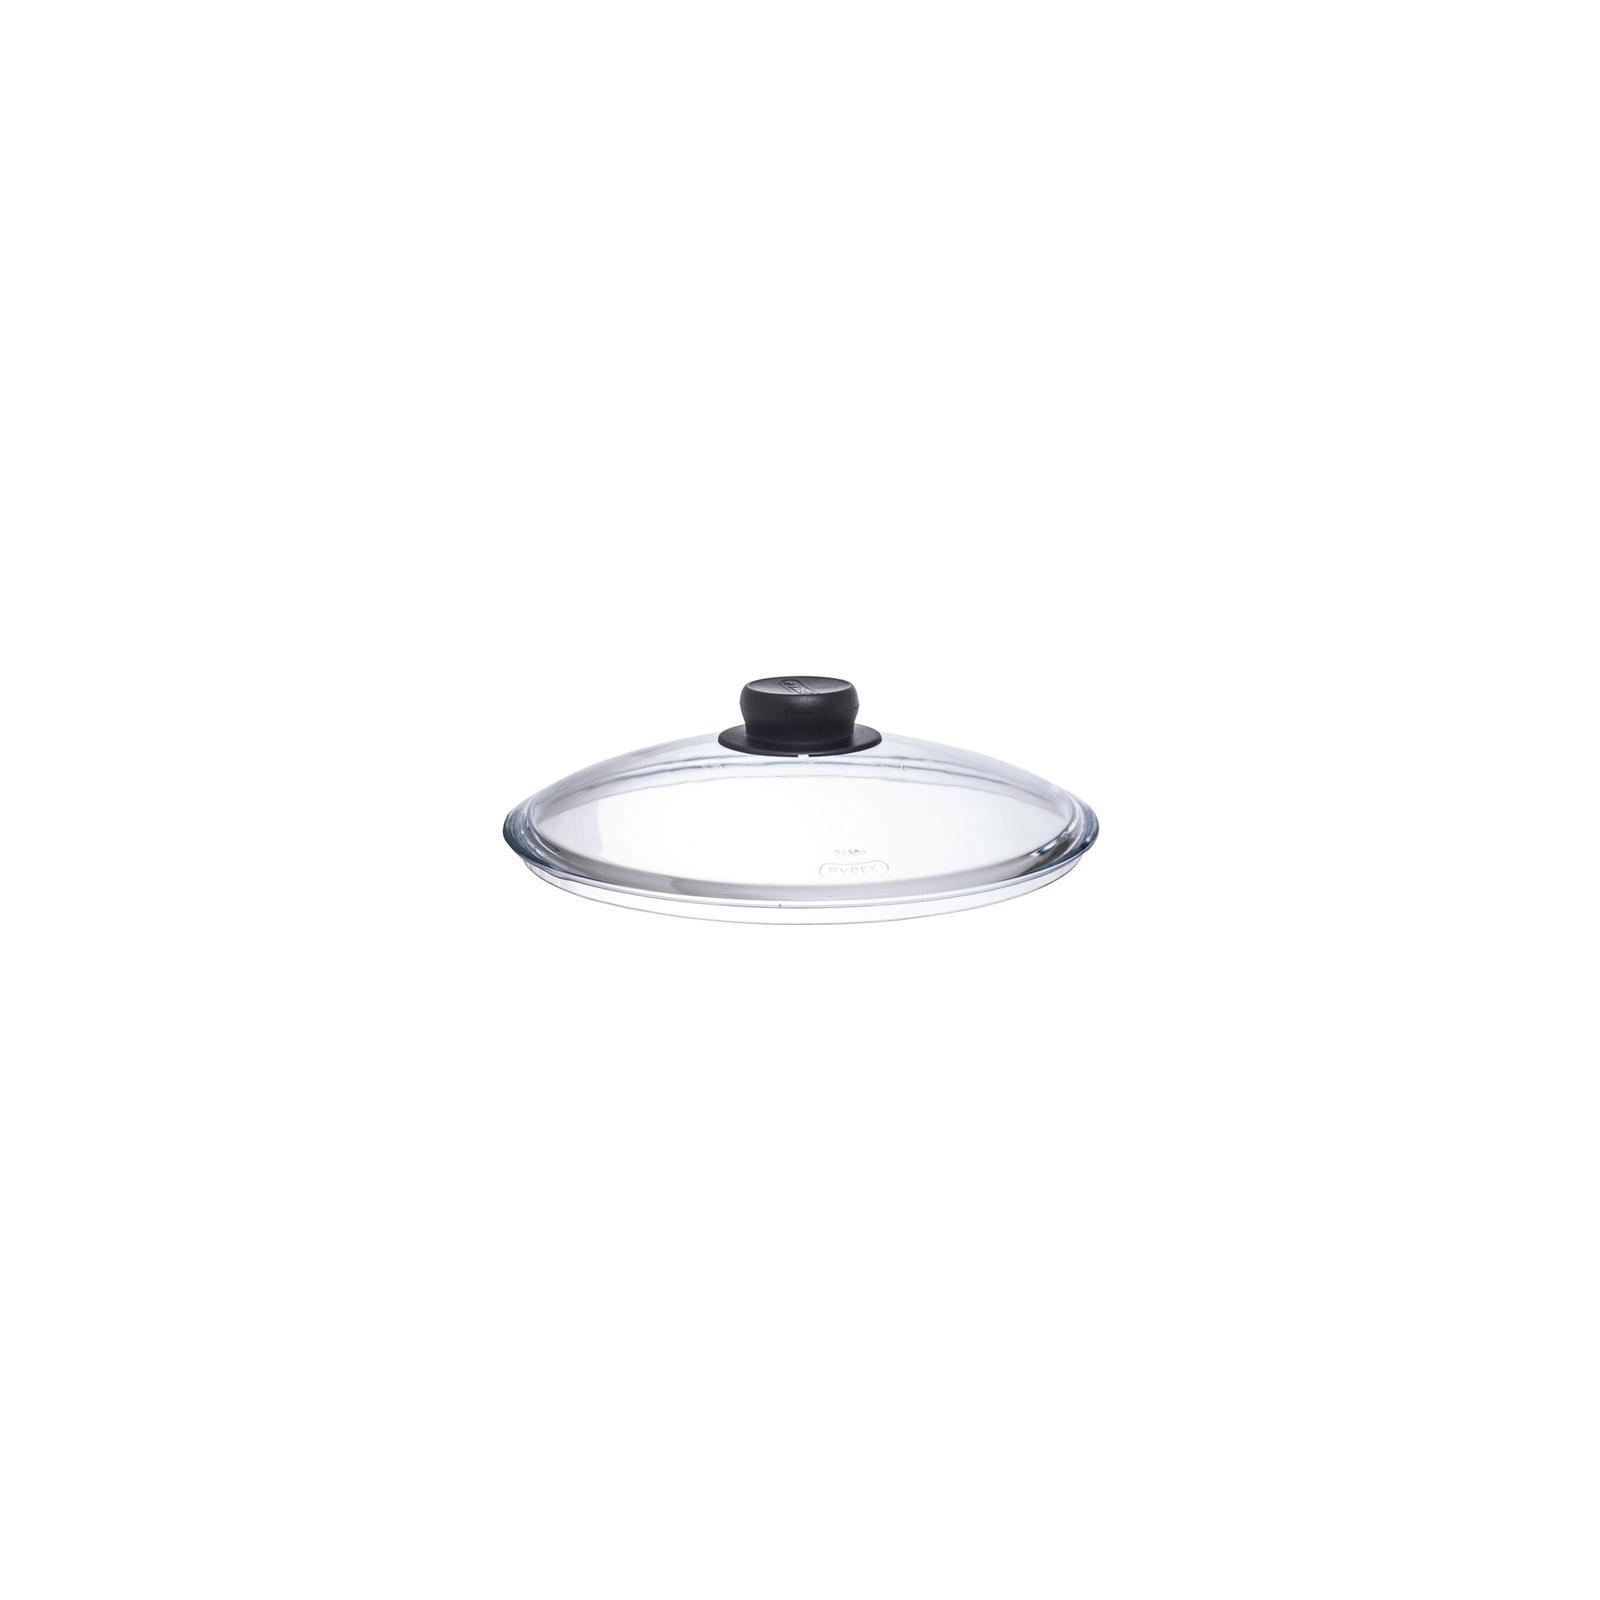 Крышка для посуды Pyrex Bombe 20 см (B20CL00) изображение 3